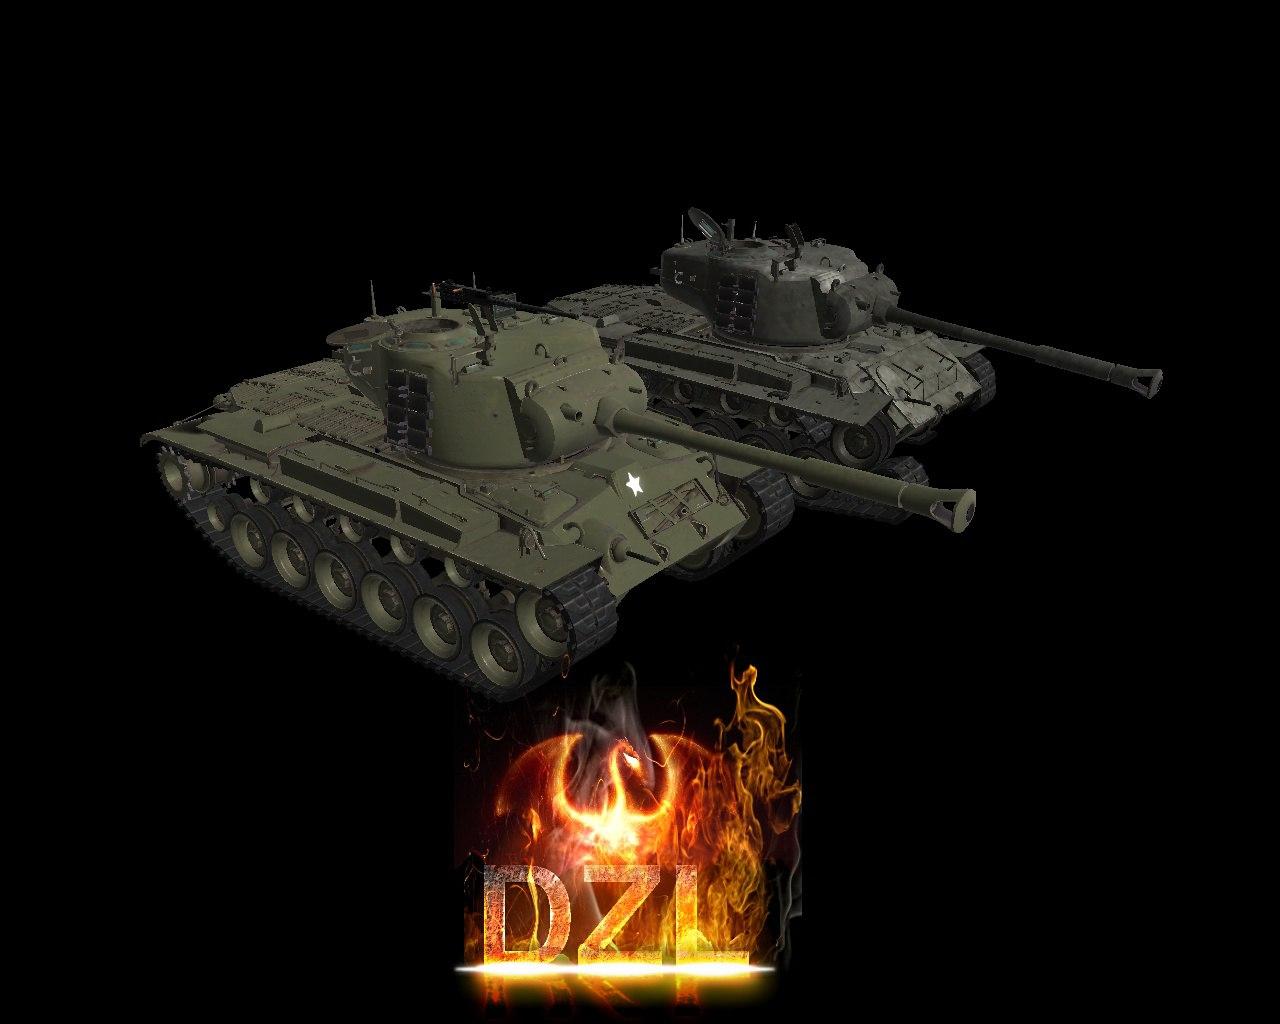 Скачать m46 (HD) - автор DZL — бесплатно